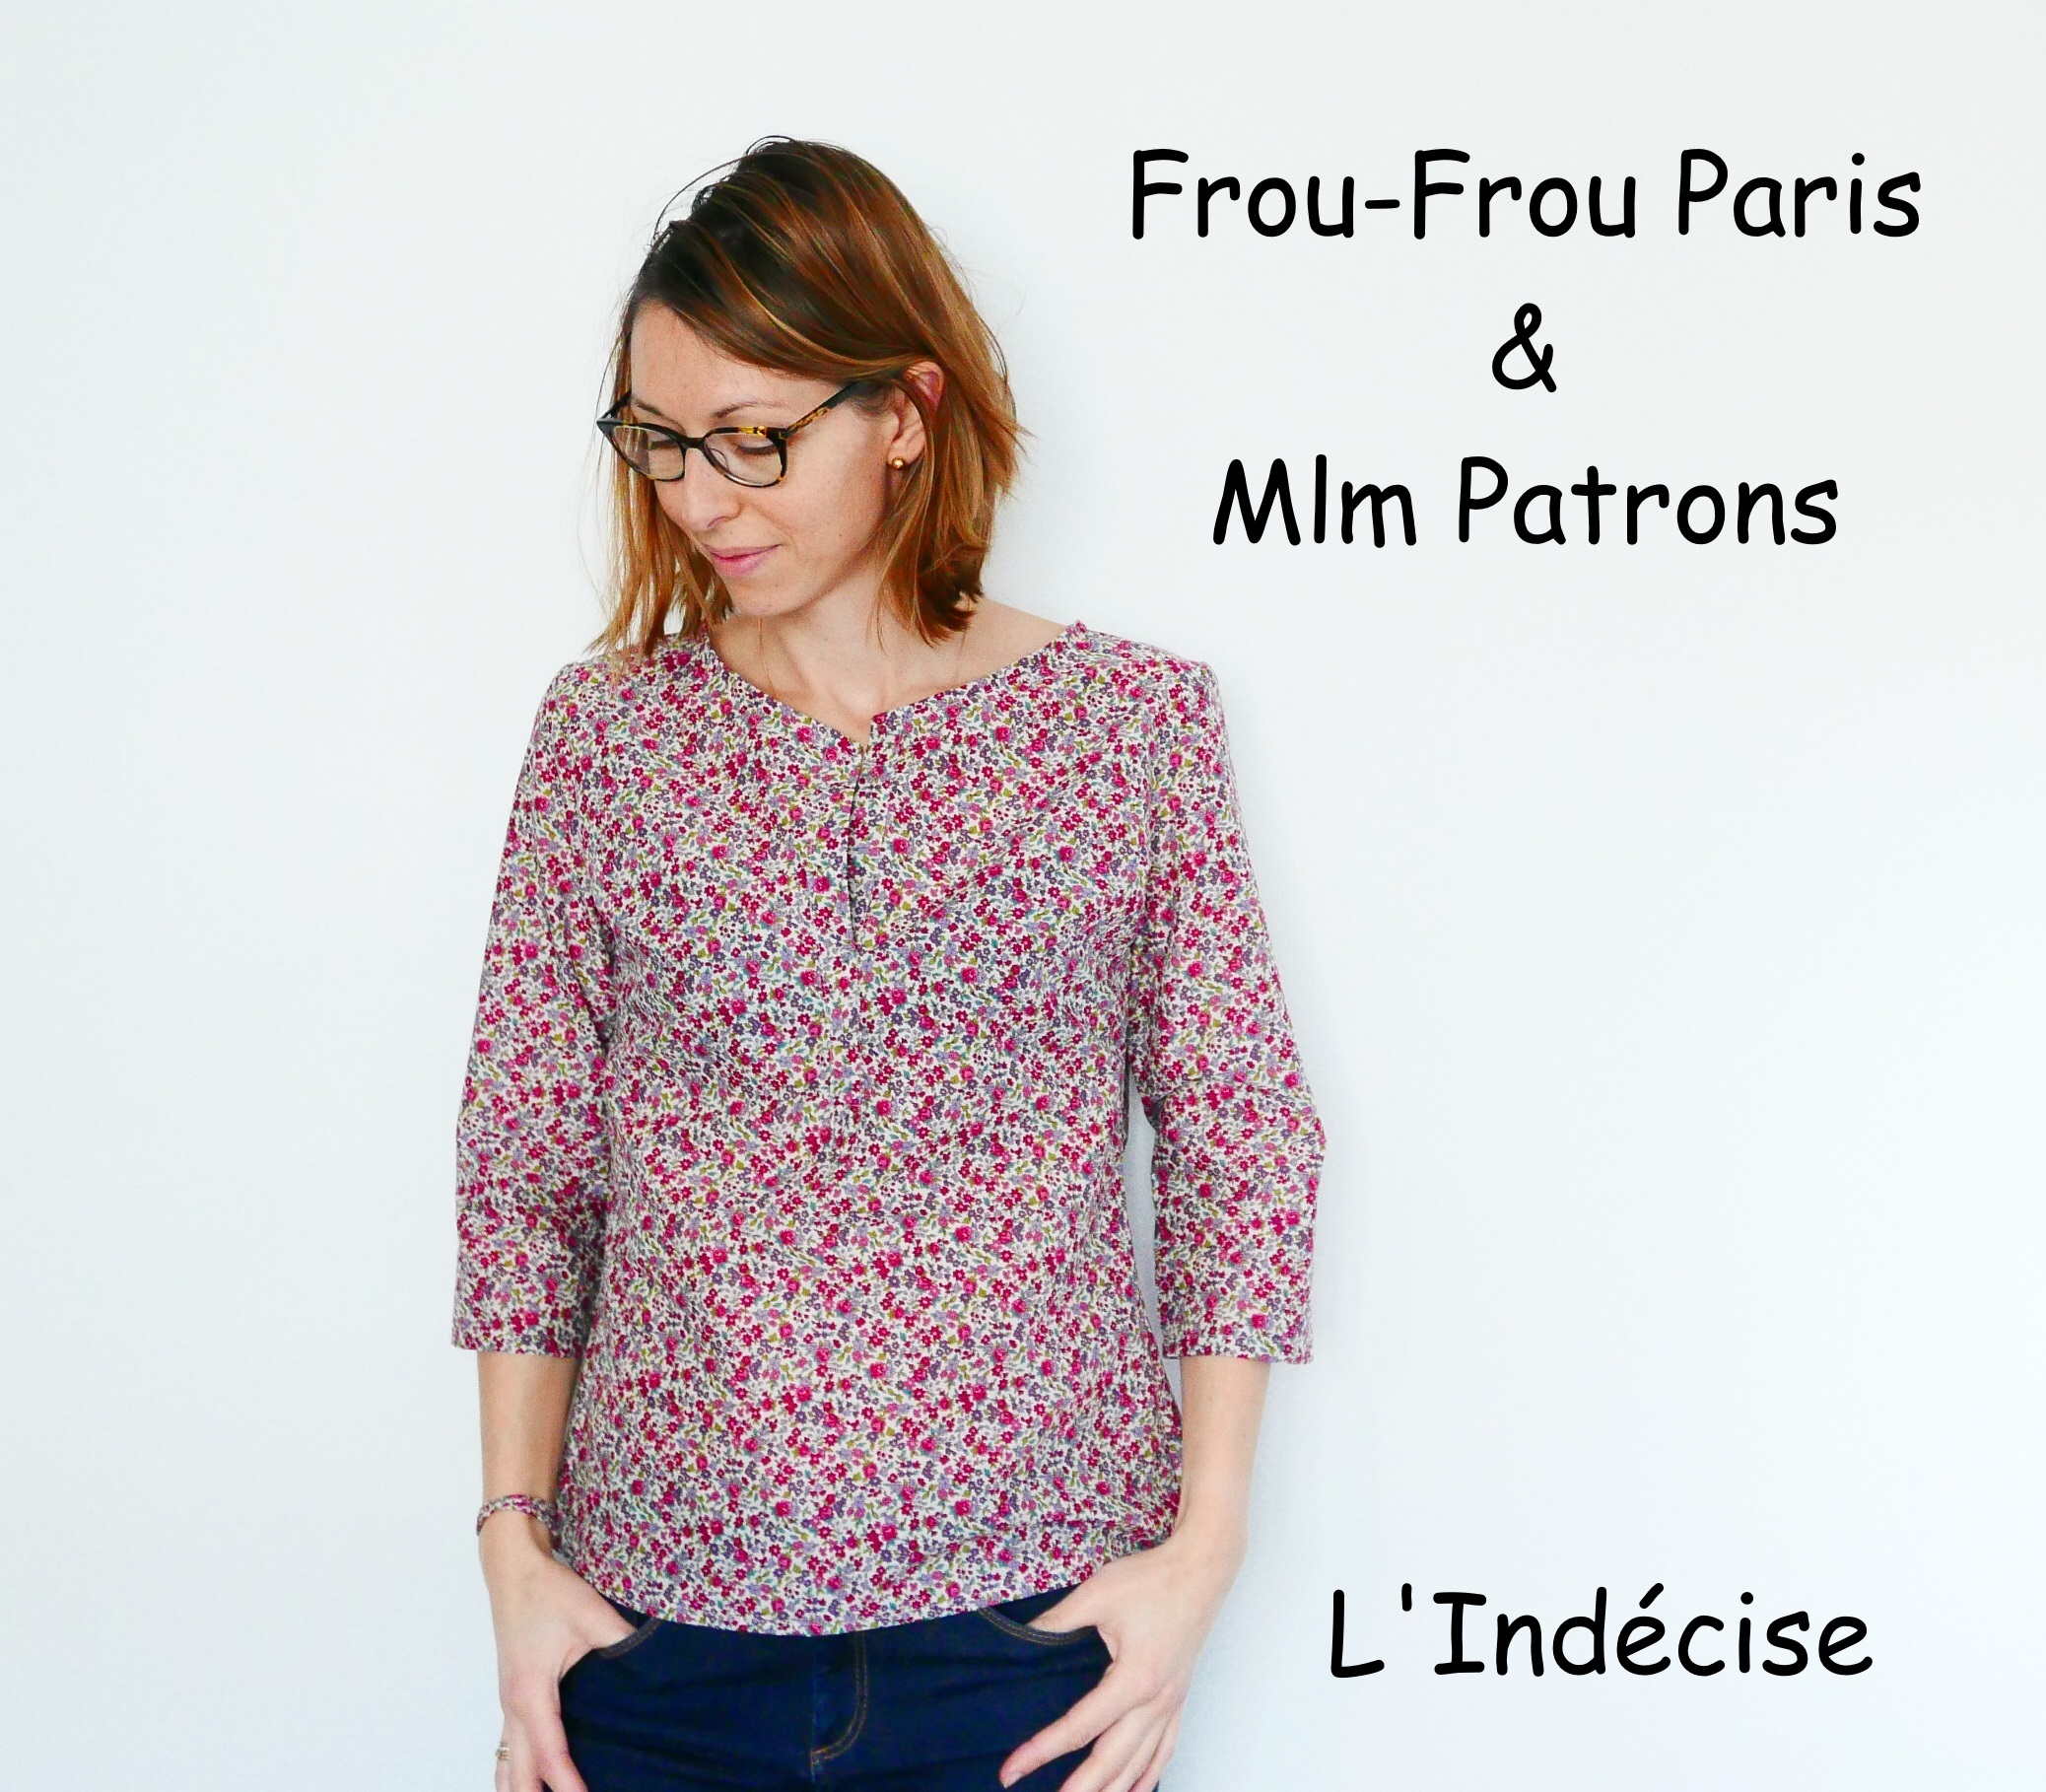 L'Indécise & Frou-Frou